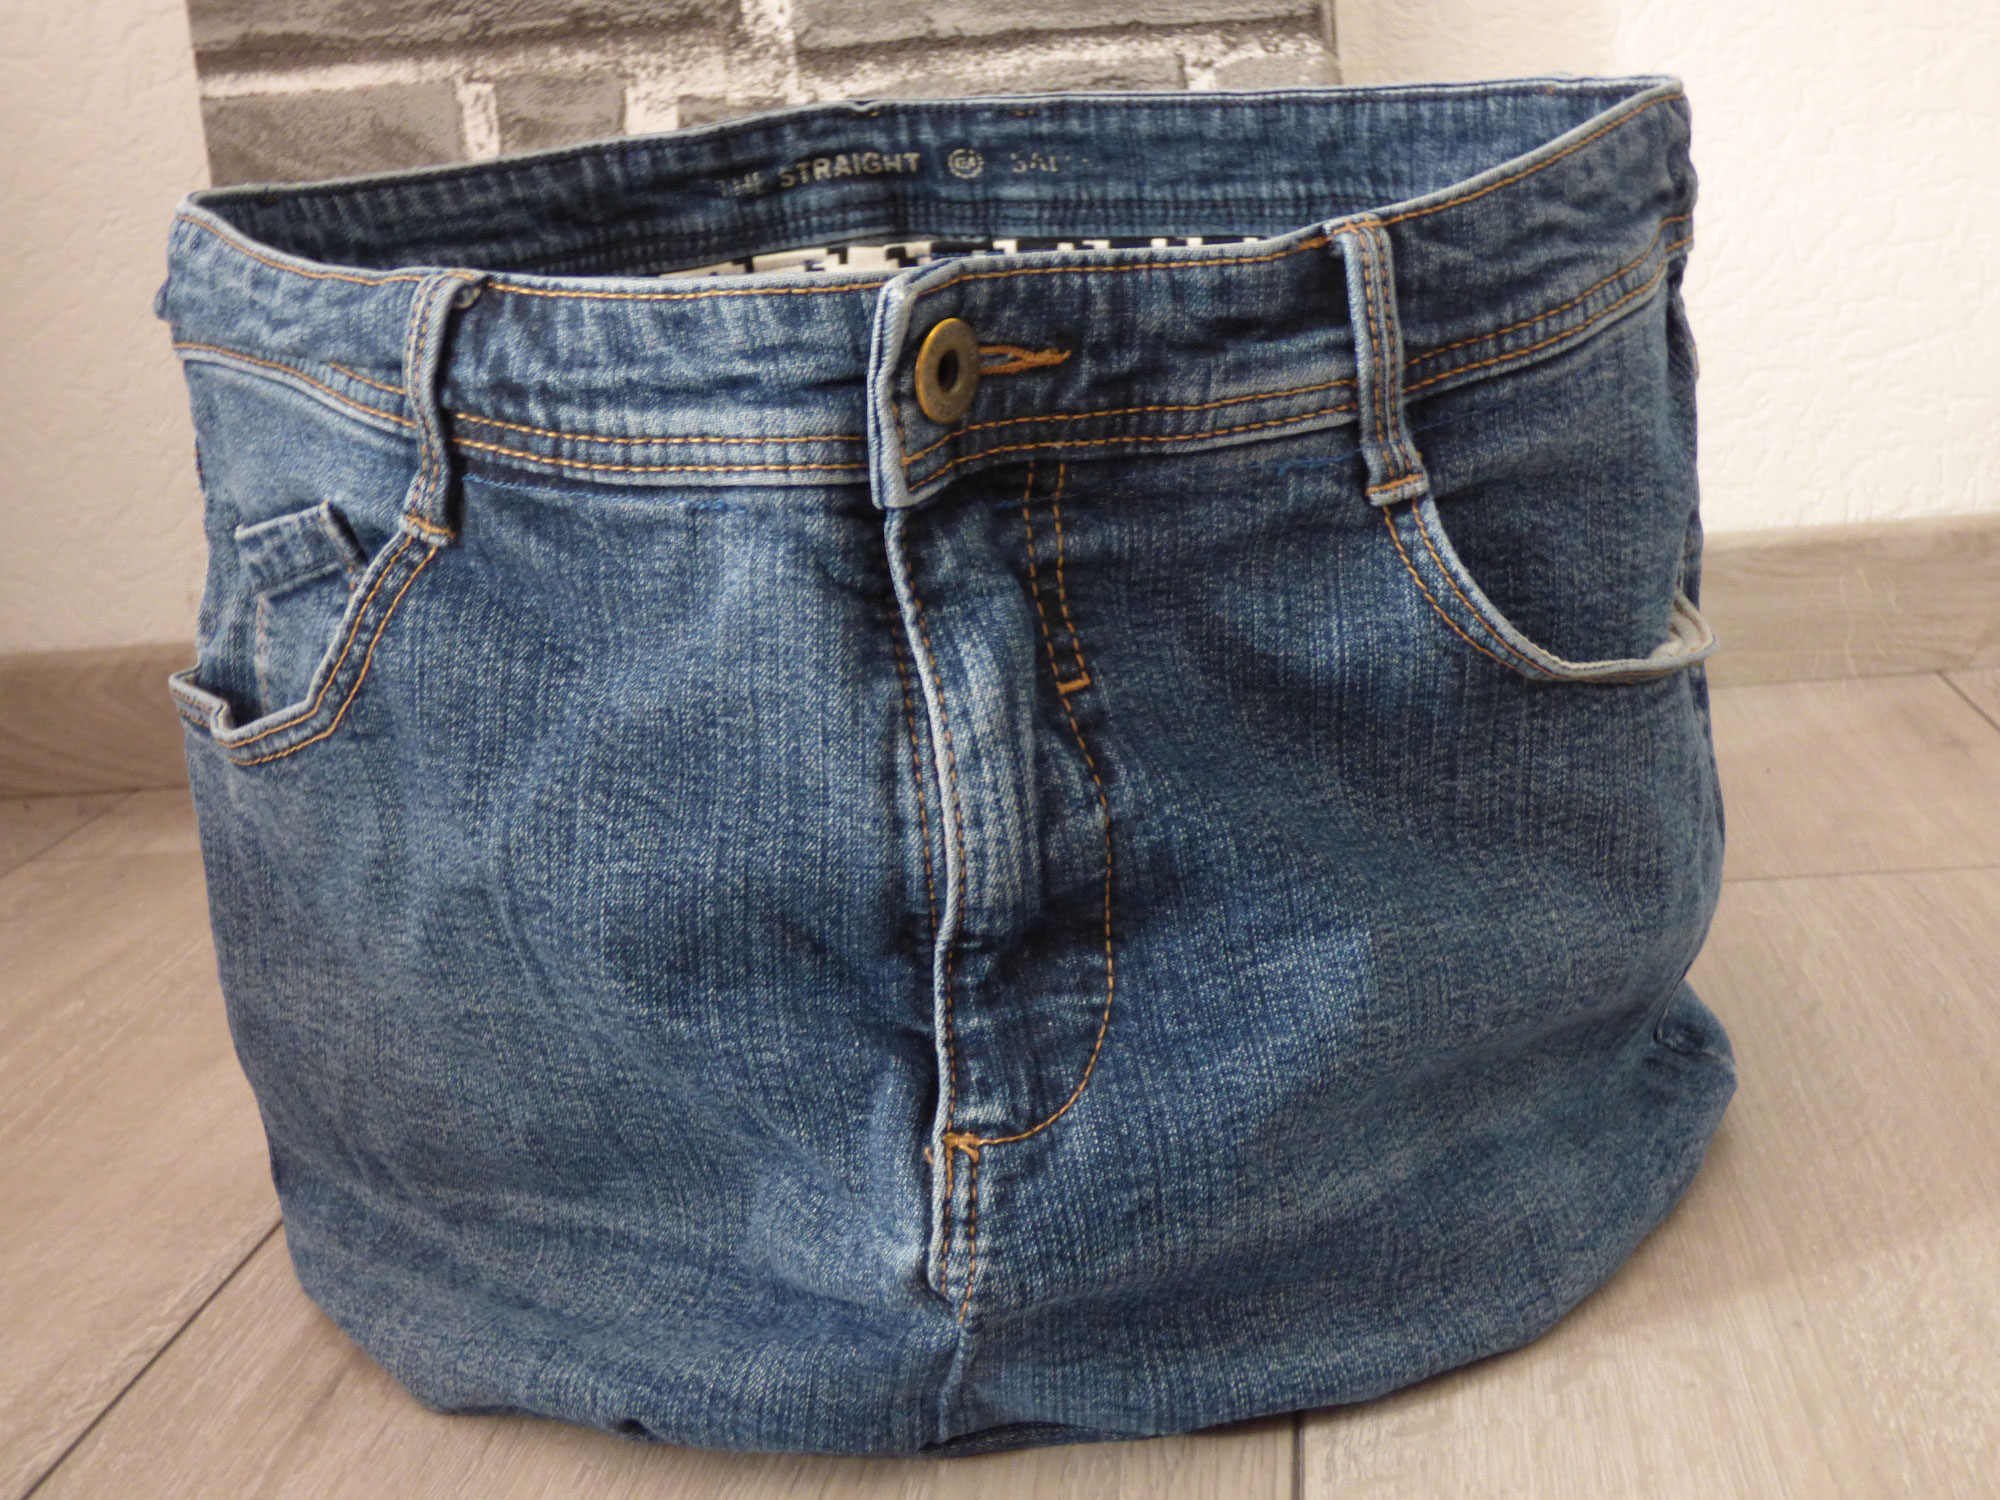 Endlich mal wieder Upcycling: Jeans wird zu Wäschekorb